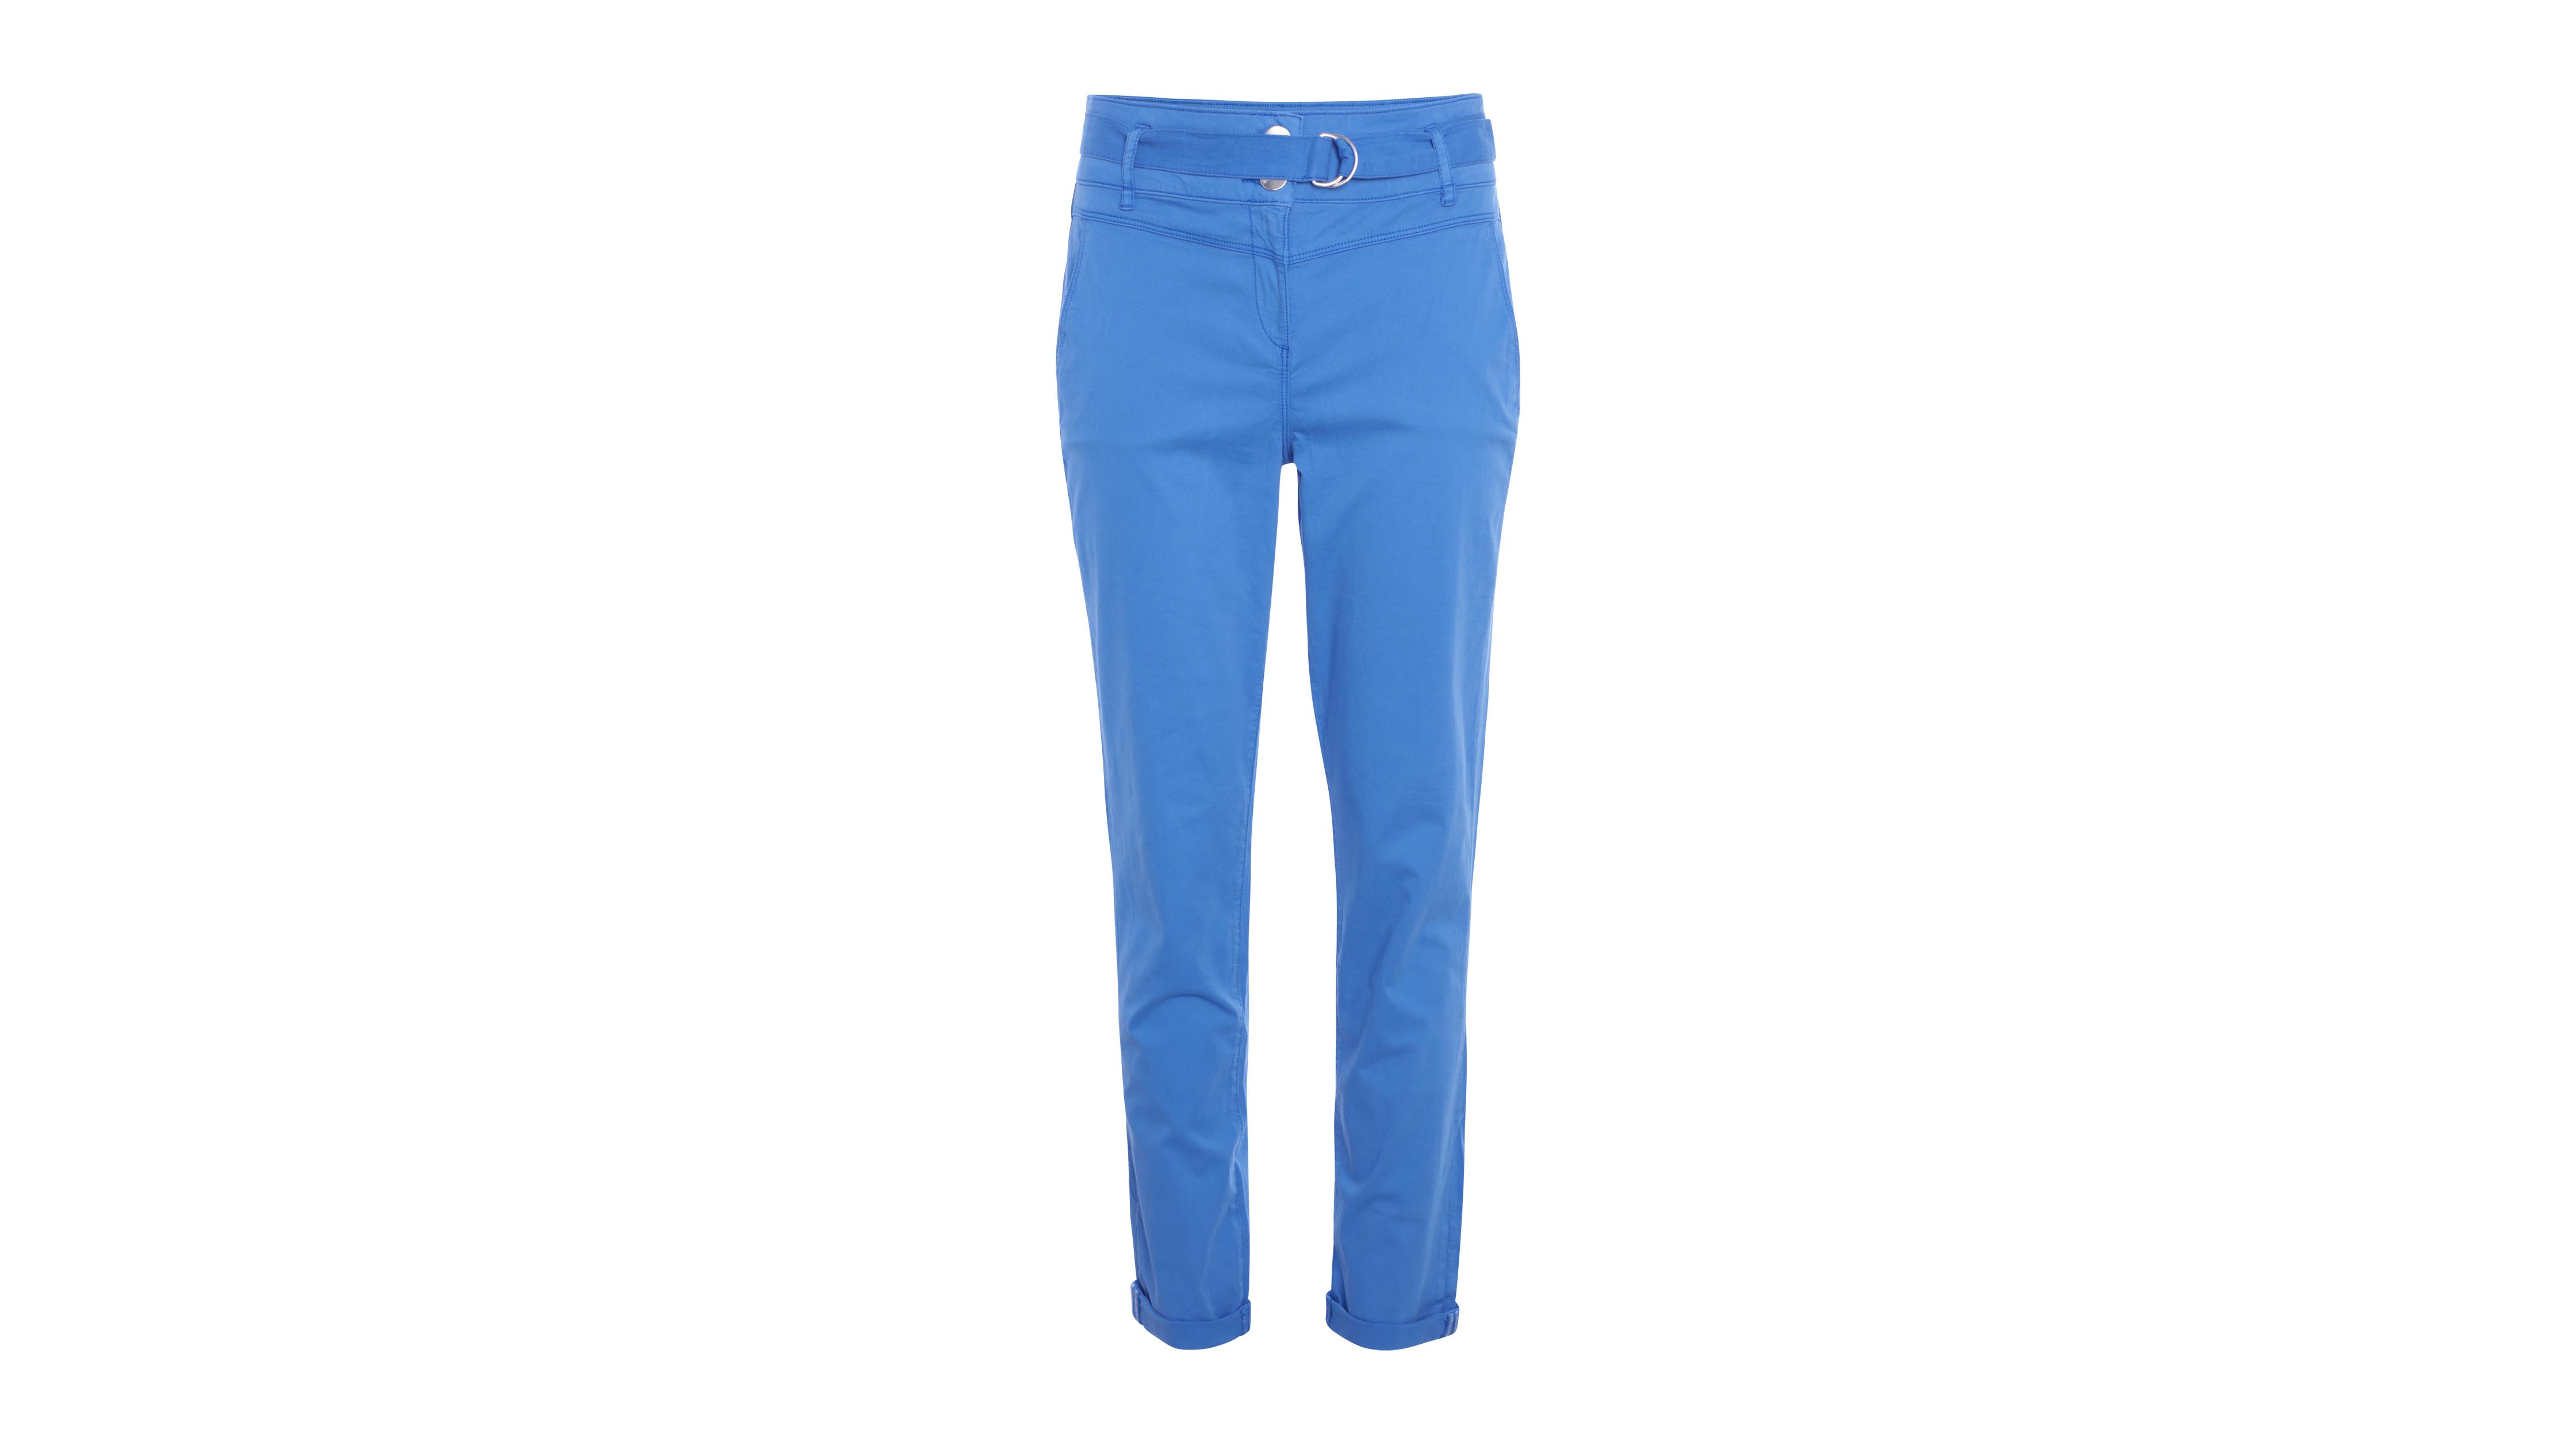 Taille Haute Femme Clair Bleu Pantalon Avec Ceinture EDYWH29I